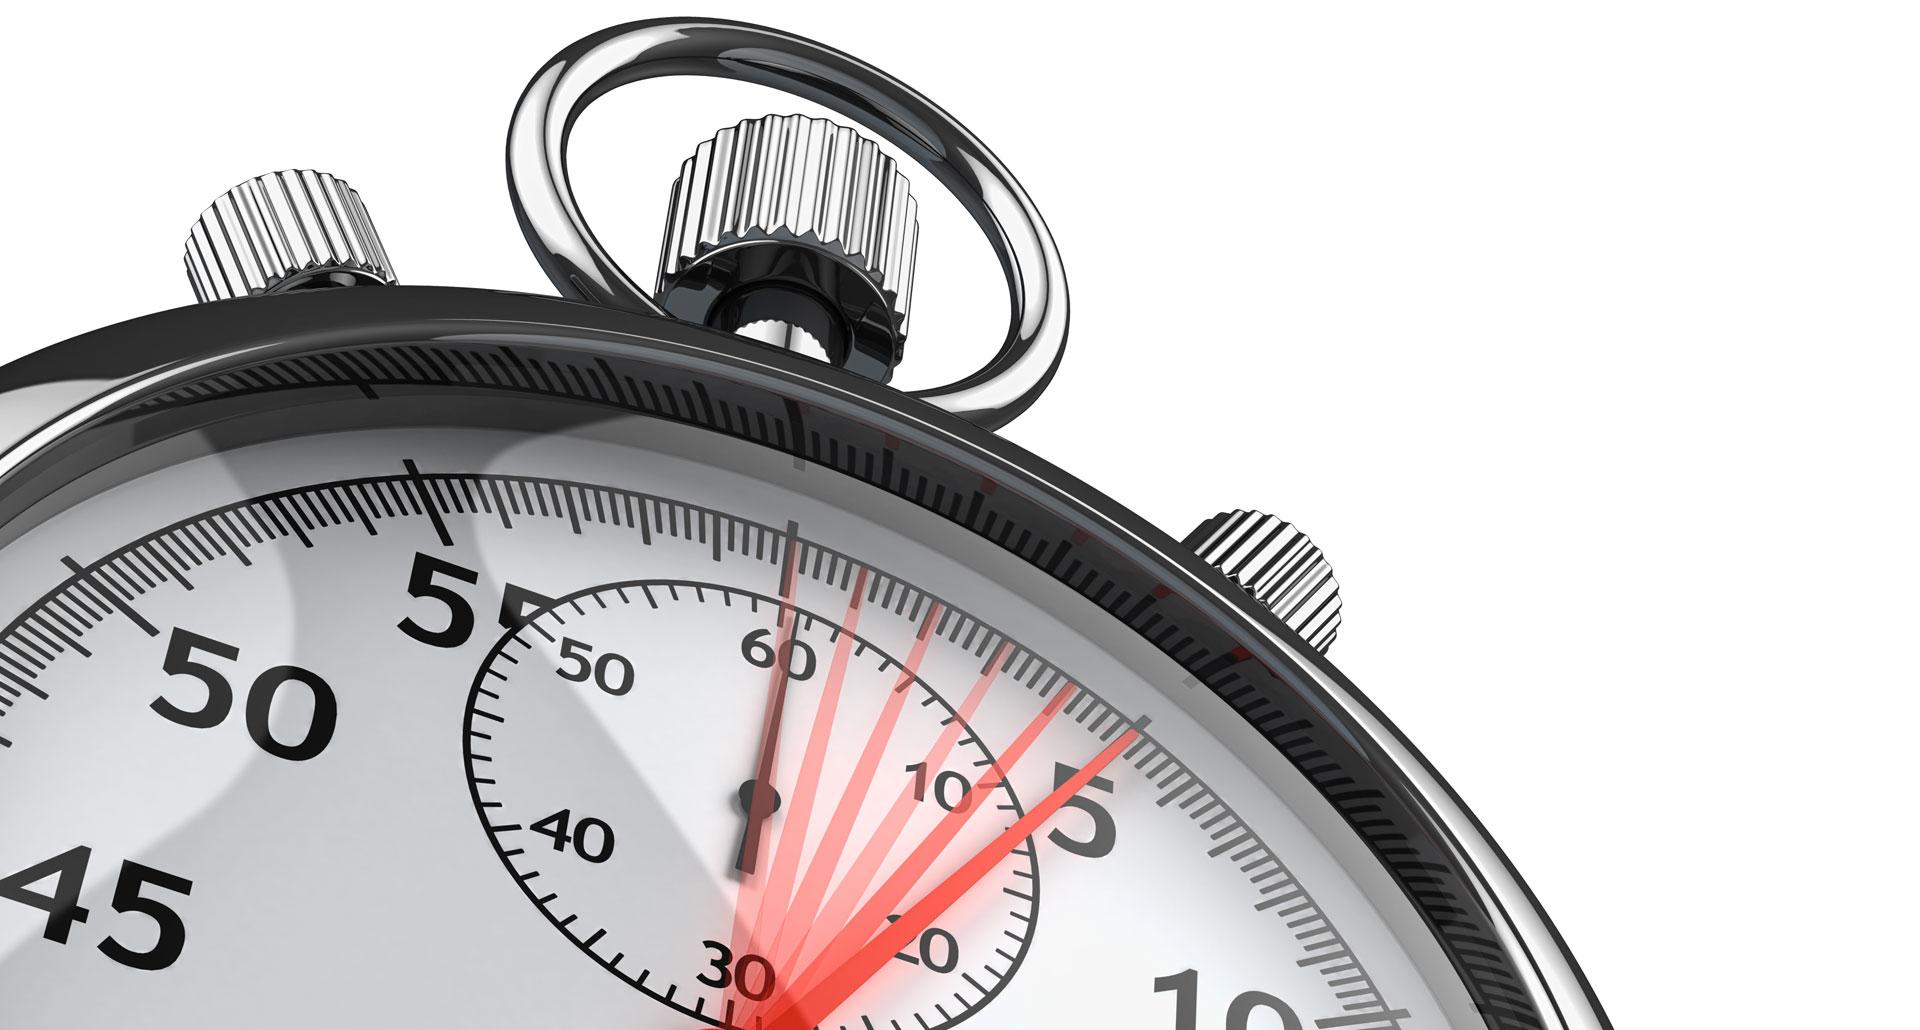 Optymalizacja czasu ładowania strony jest dlanas istotna